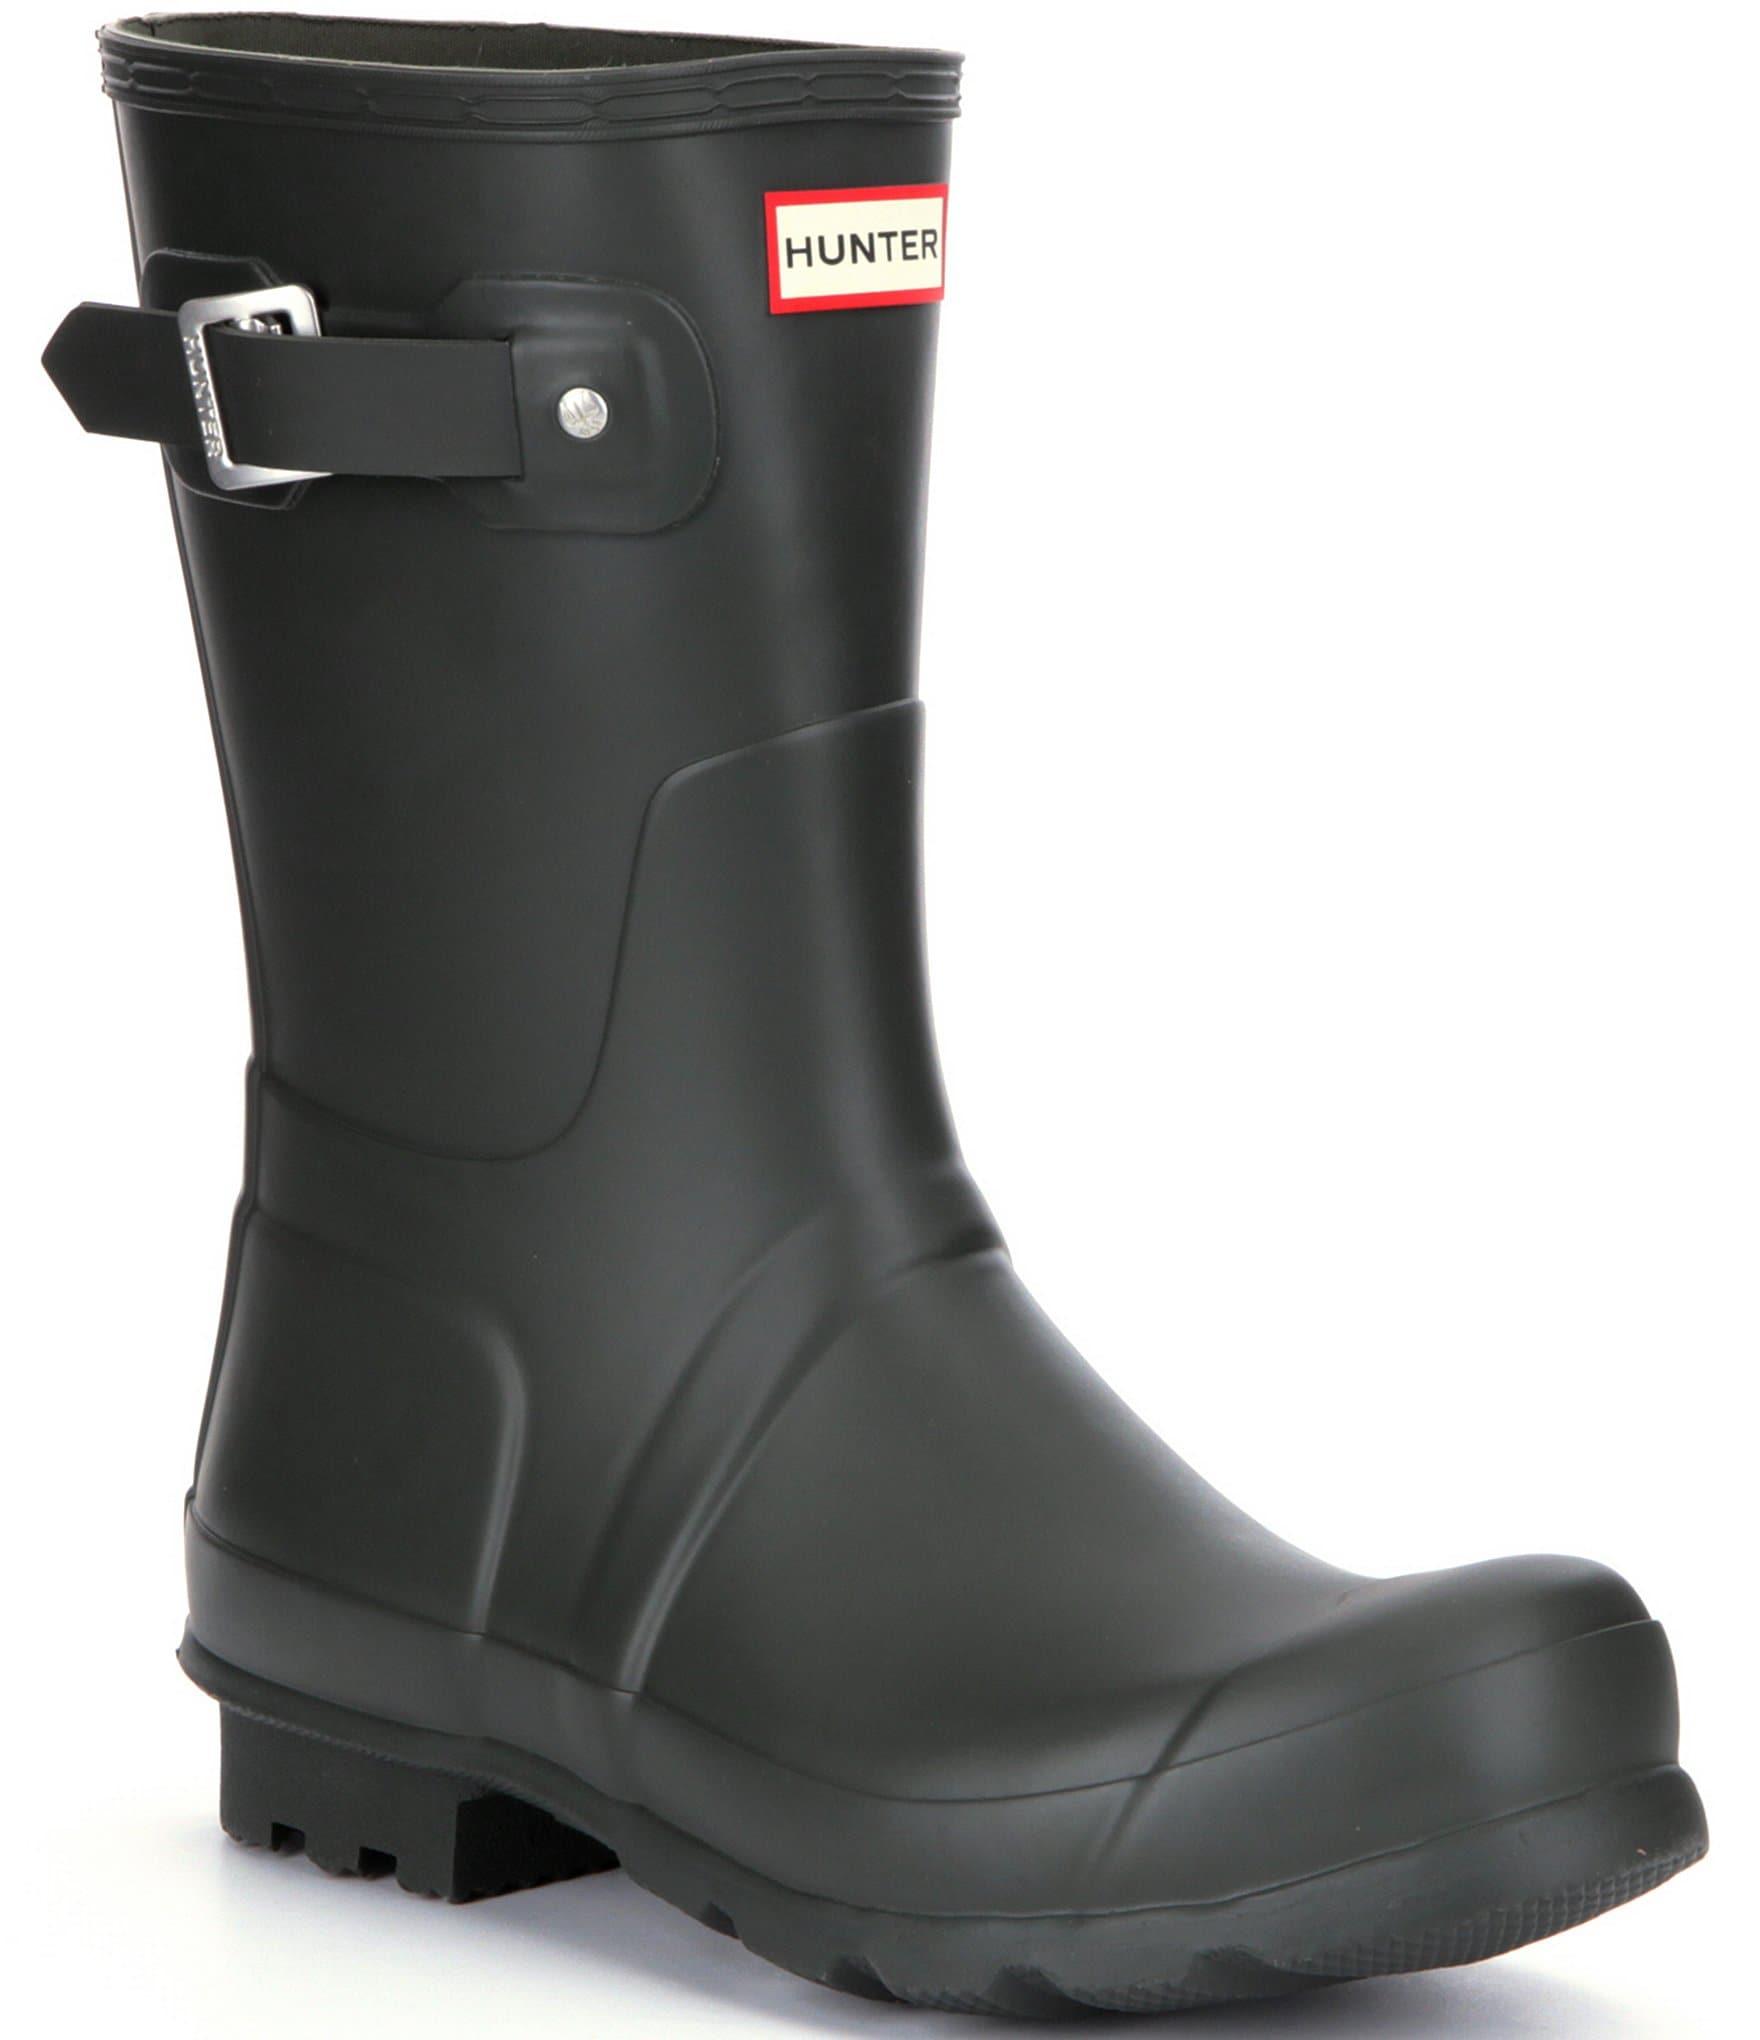 Short Men's Waterproof Rain Boots